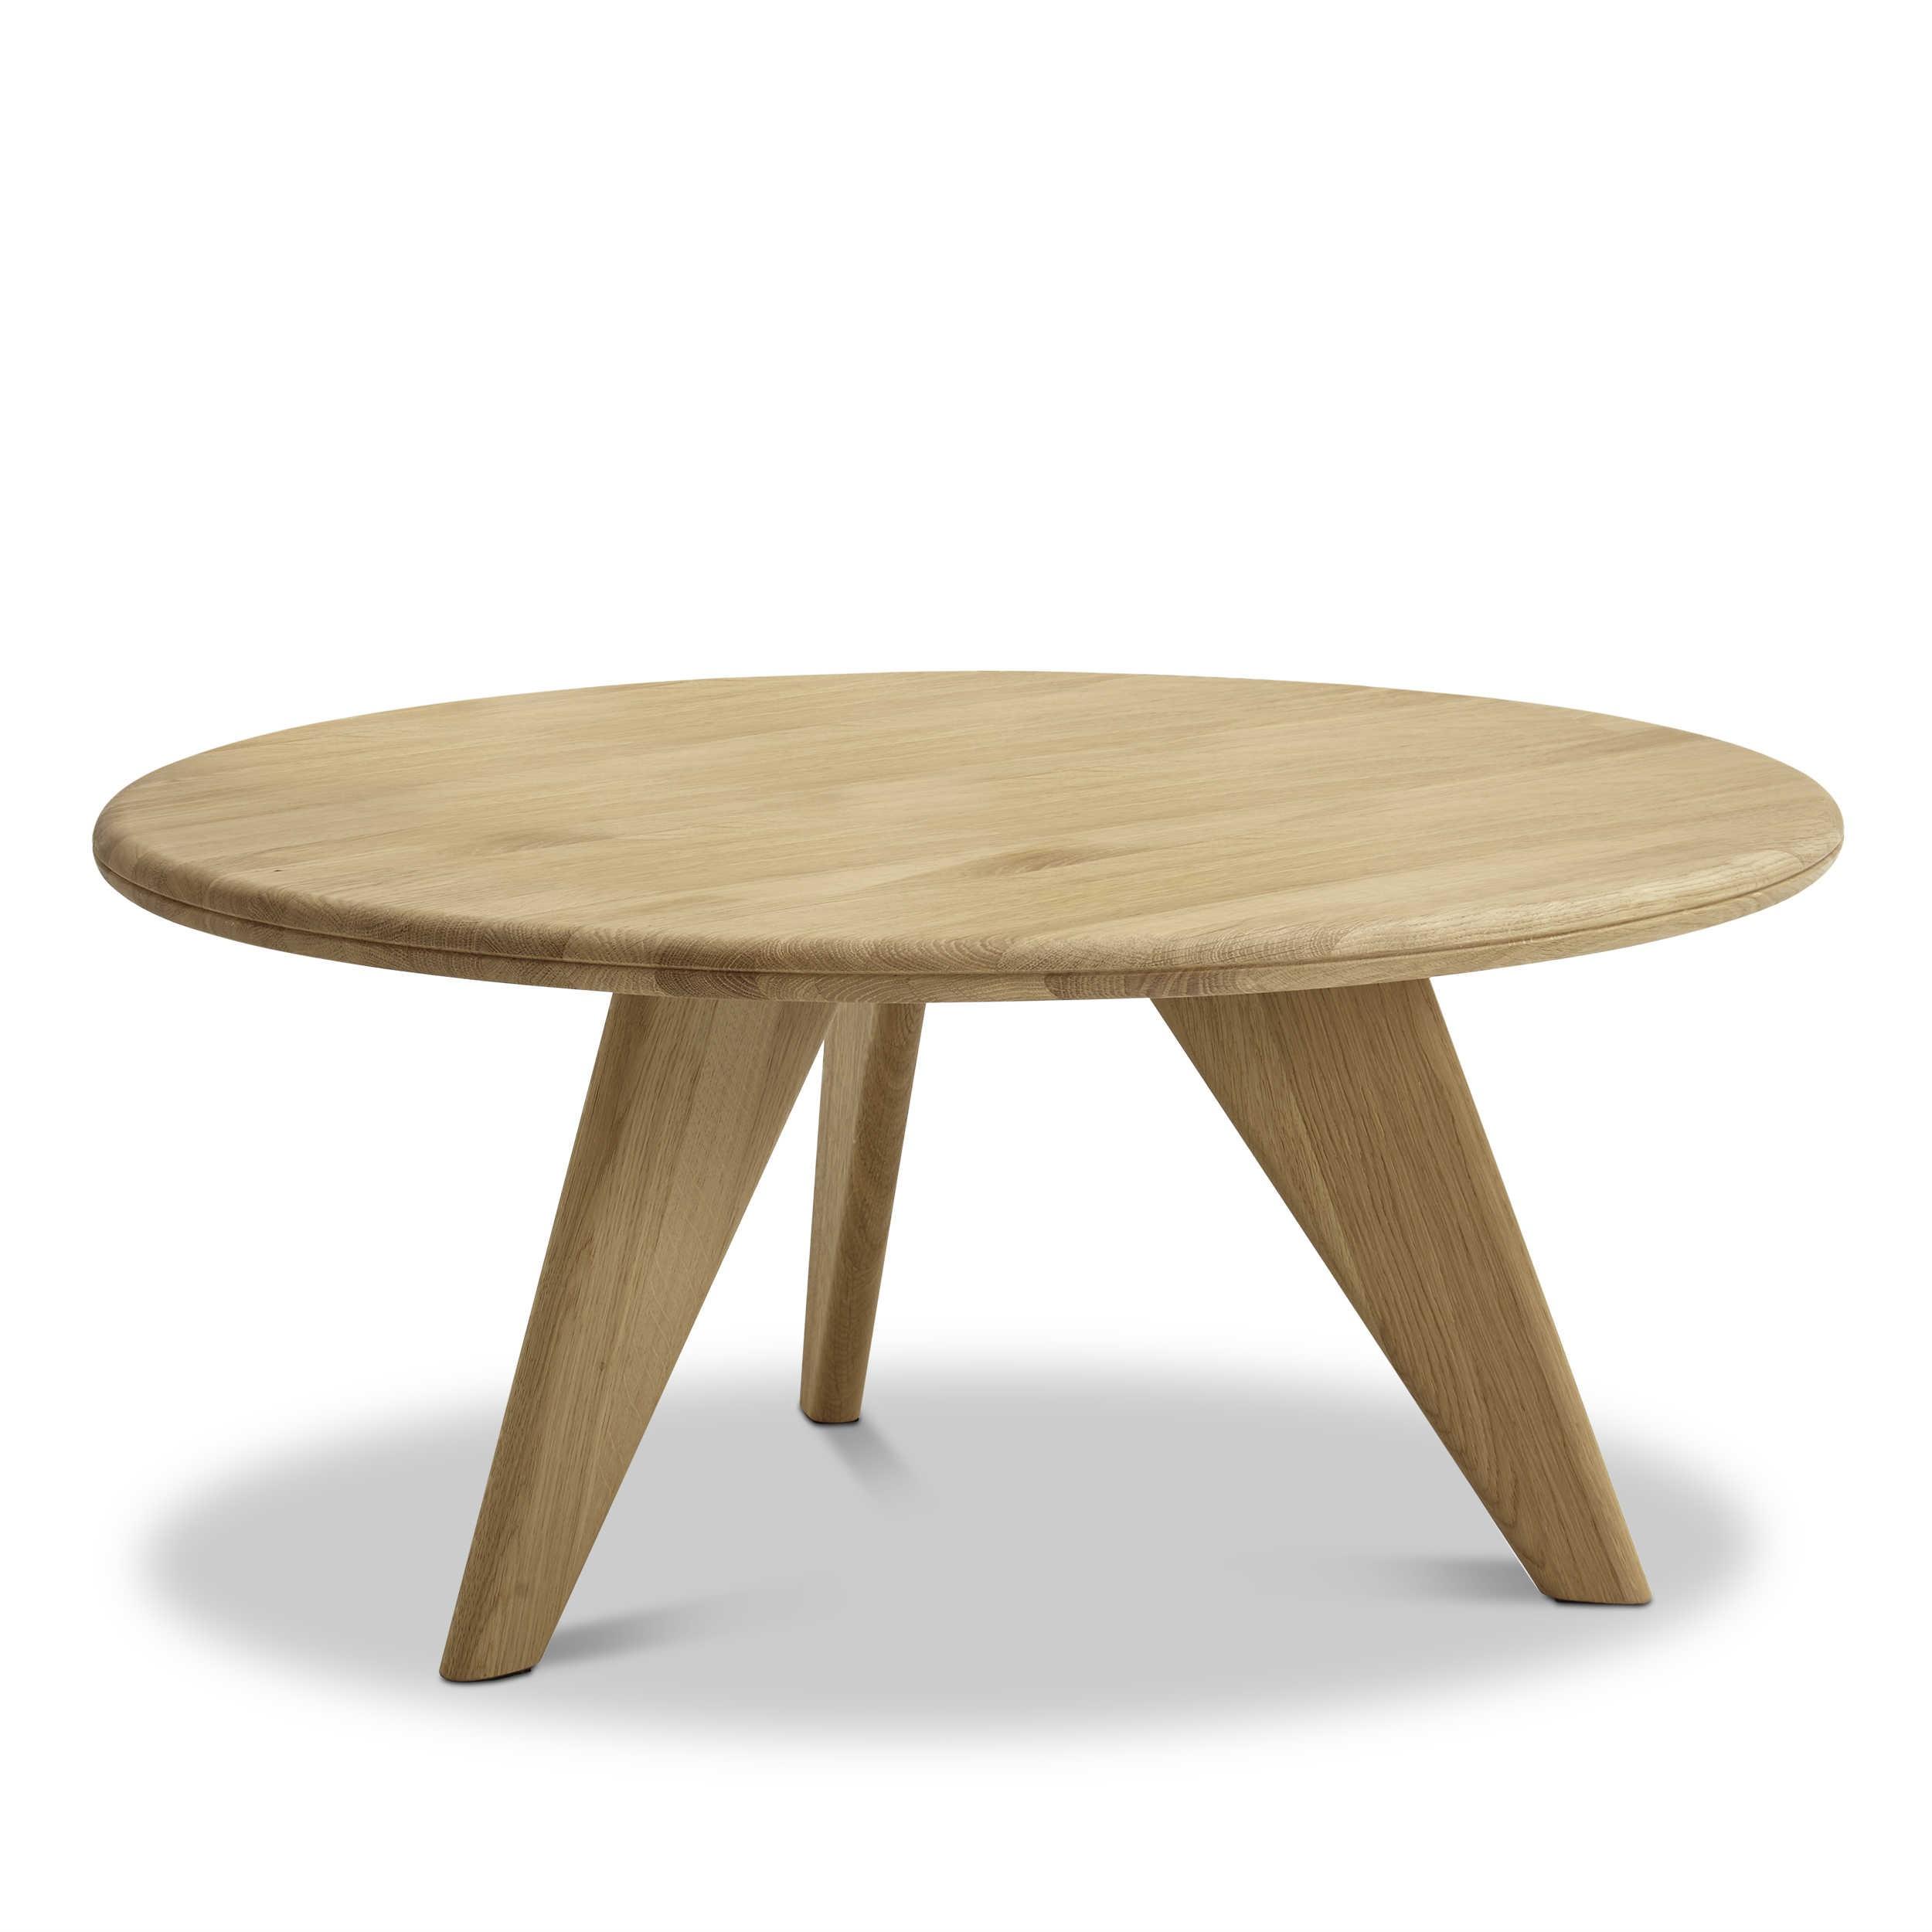 sch ner wohnen beistelltisch craft eiche holz online kaufen bei woonio. Black Bedroom Furniture Sets. Home Design Ideas